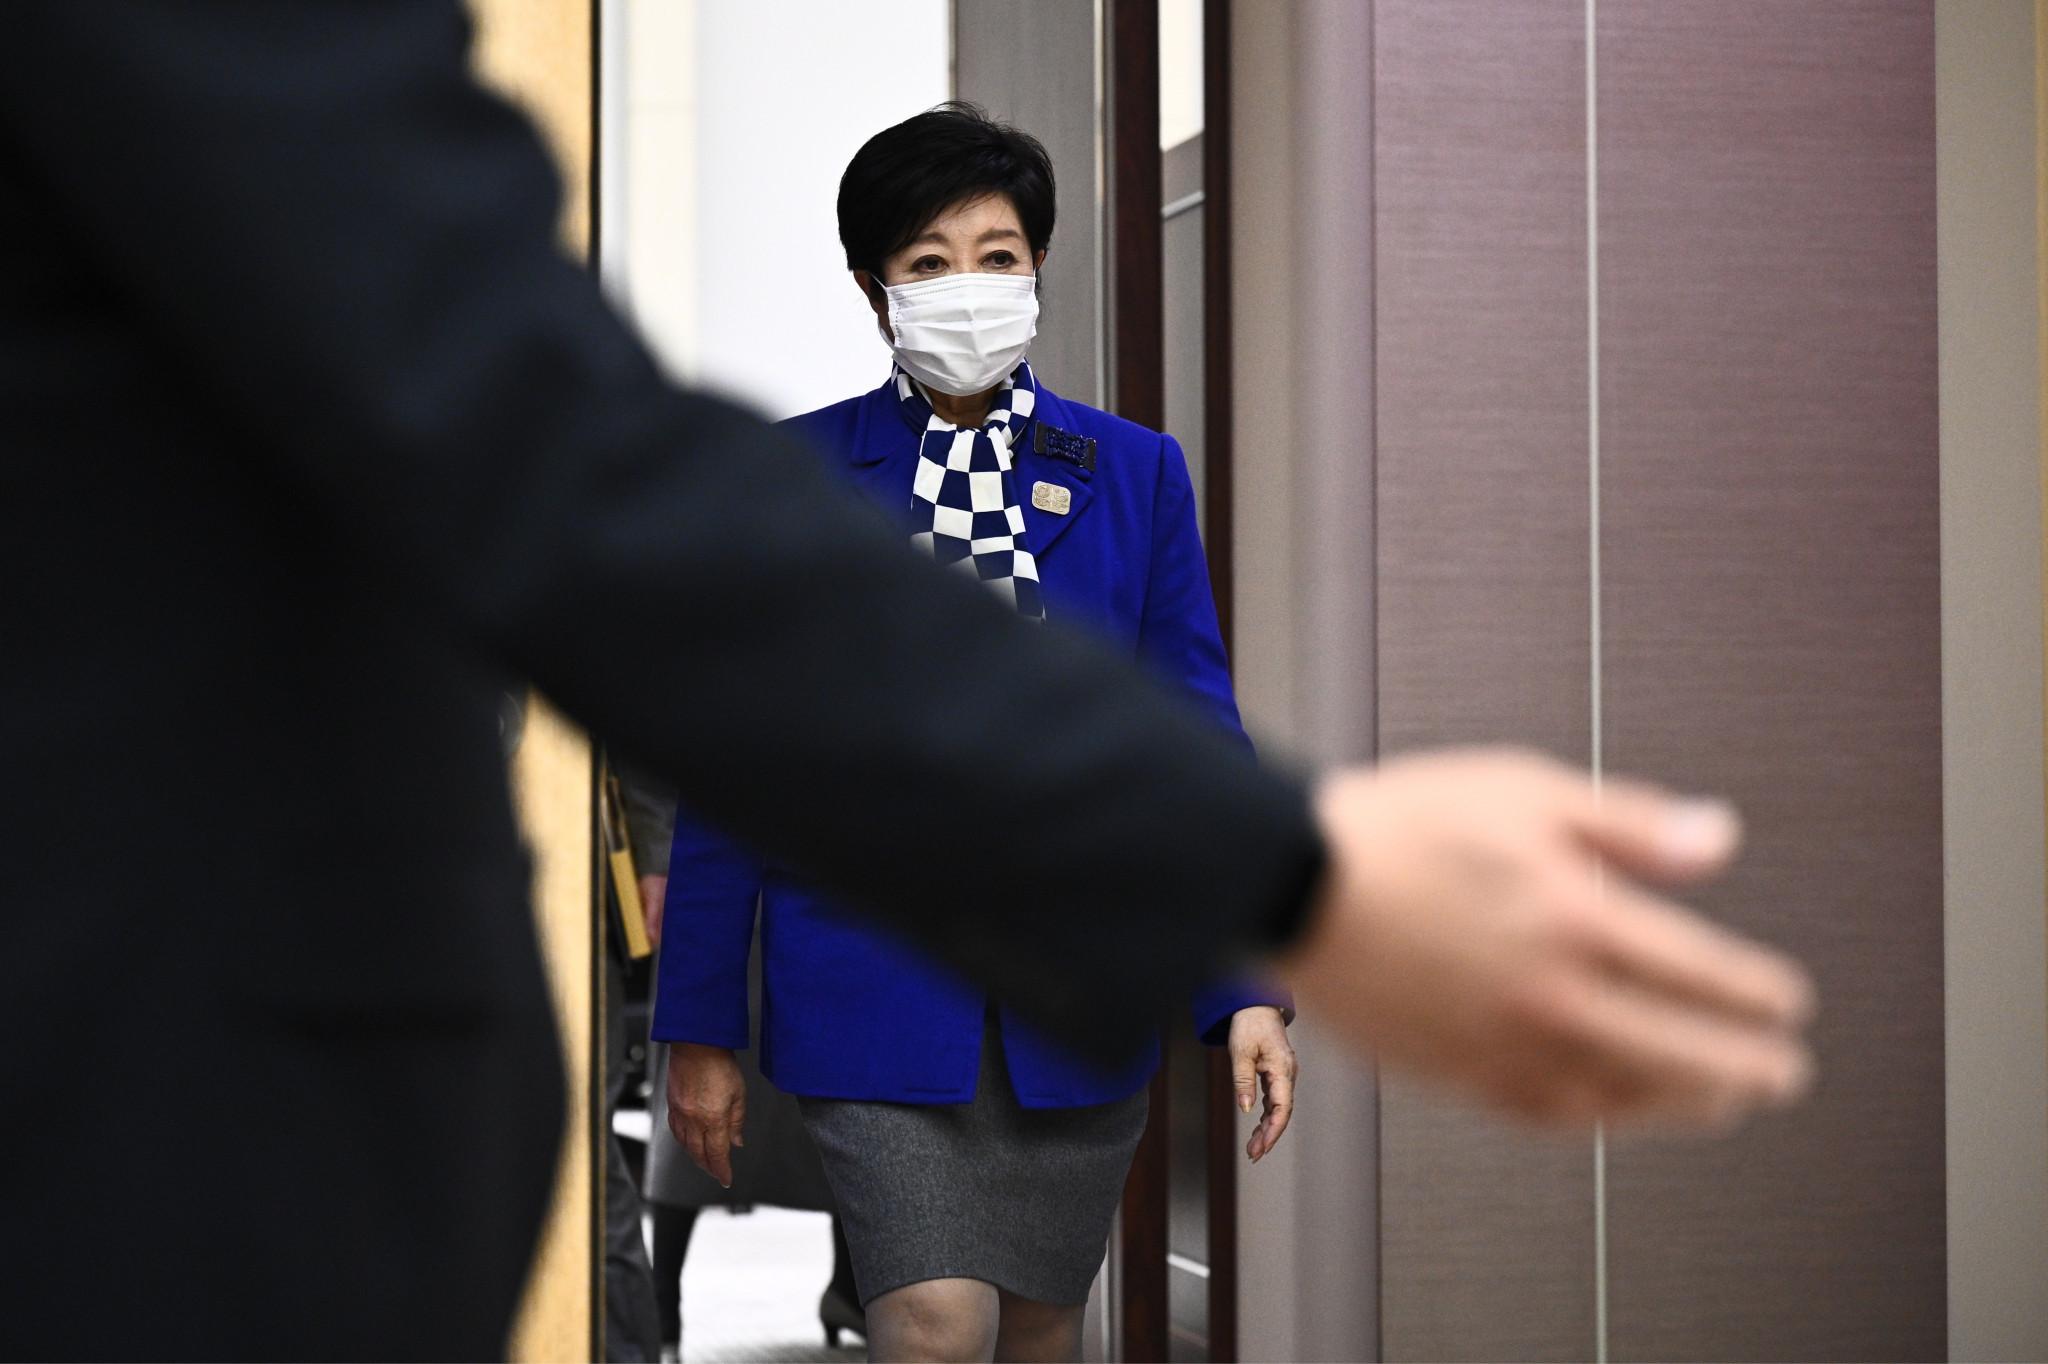 东京紧急状态是否解除不确定 影响奥运会运动员入境